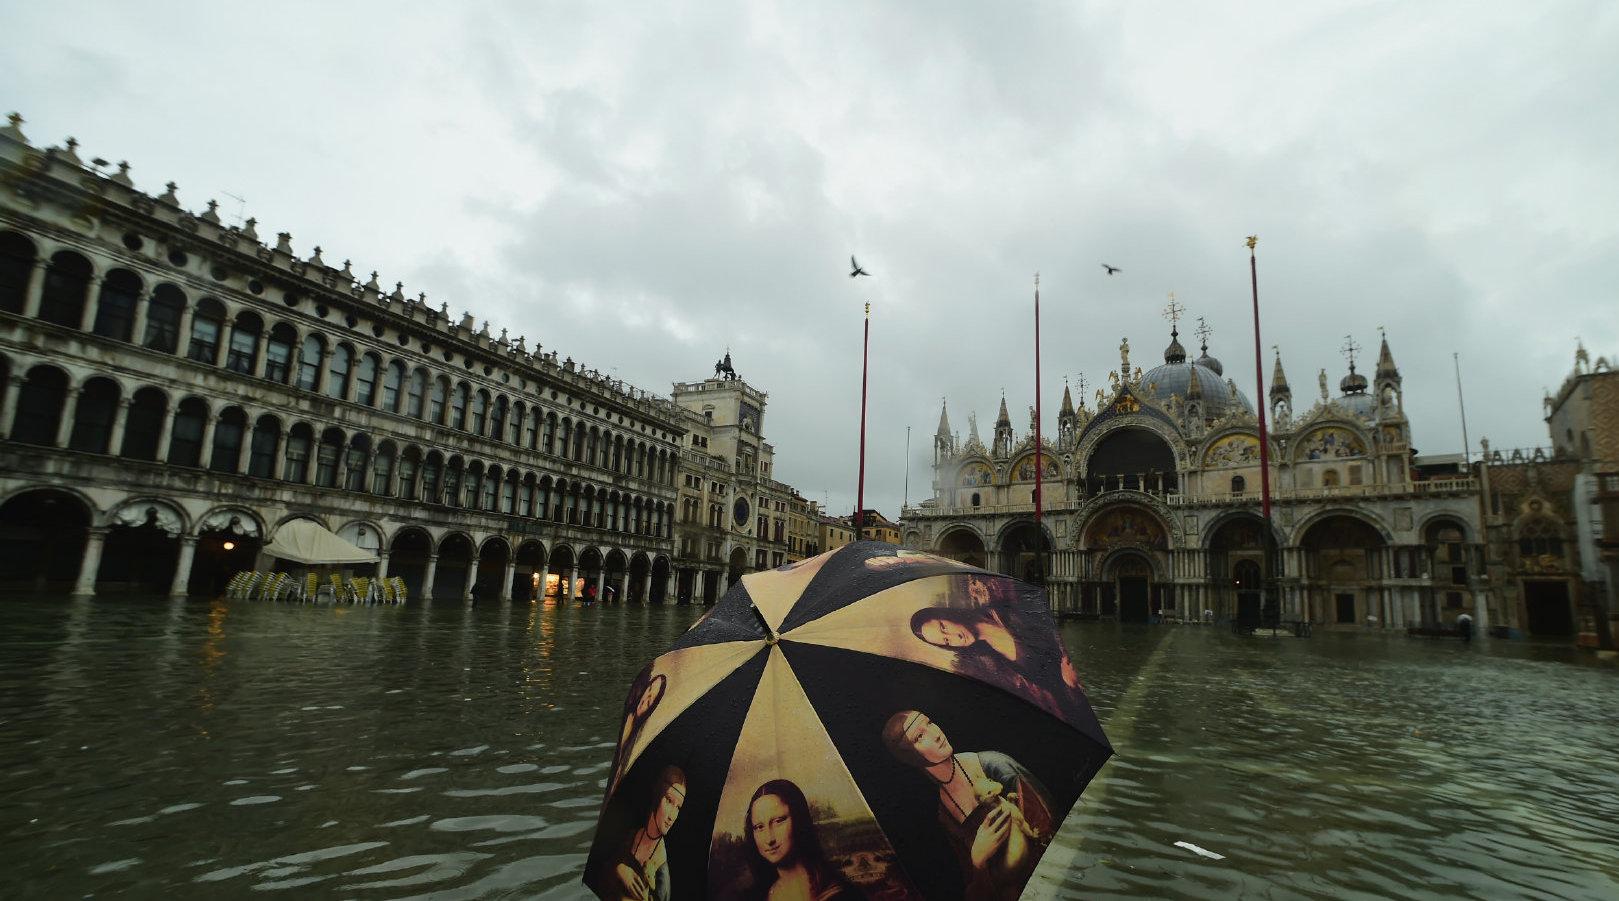 意大利著名城市威尼斯遭遇暴雨袭击并引发洪水